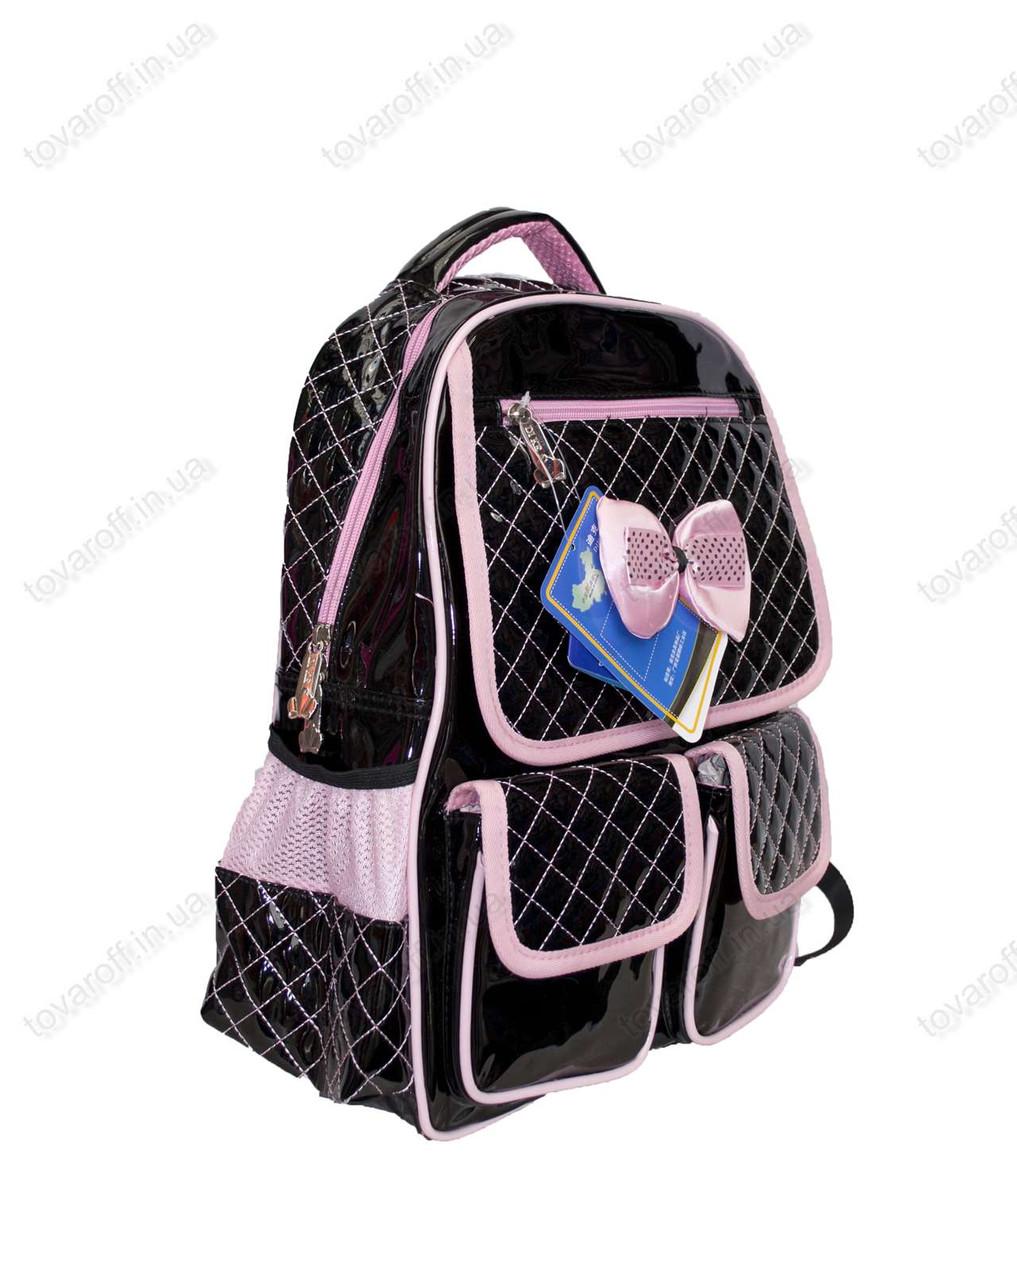 Черно-розовые рюкзаки, сумки чемоданы-каталог